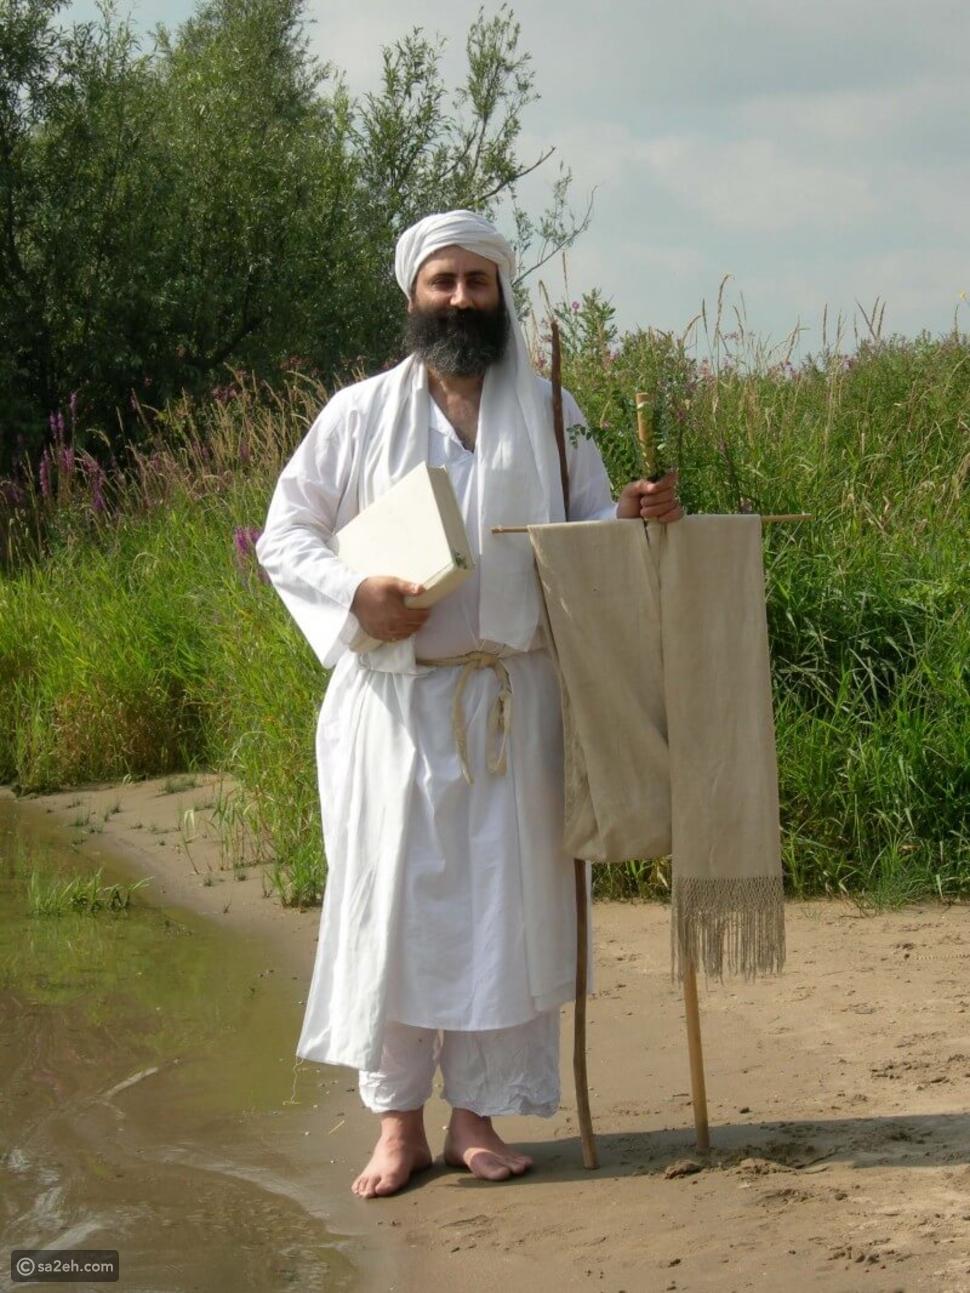 ماذا تعرف عن الصابئة أتباع النبي يحيى بن زكريا؟